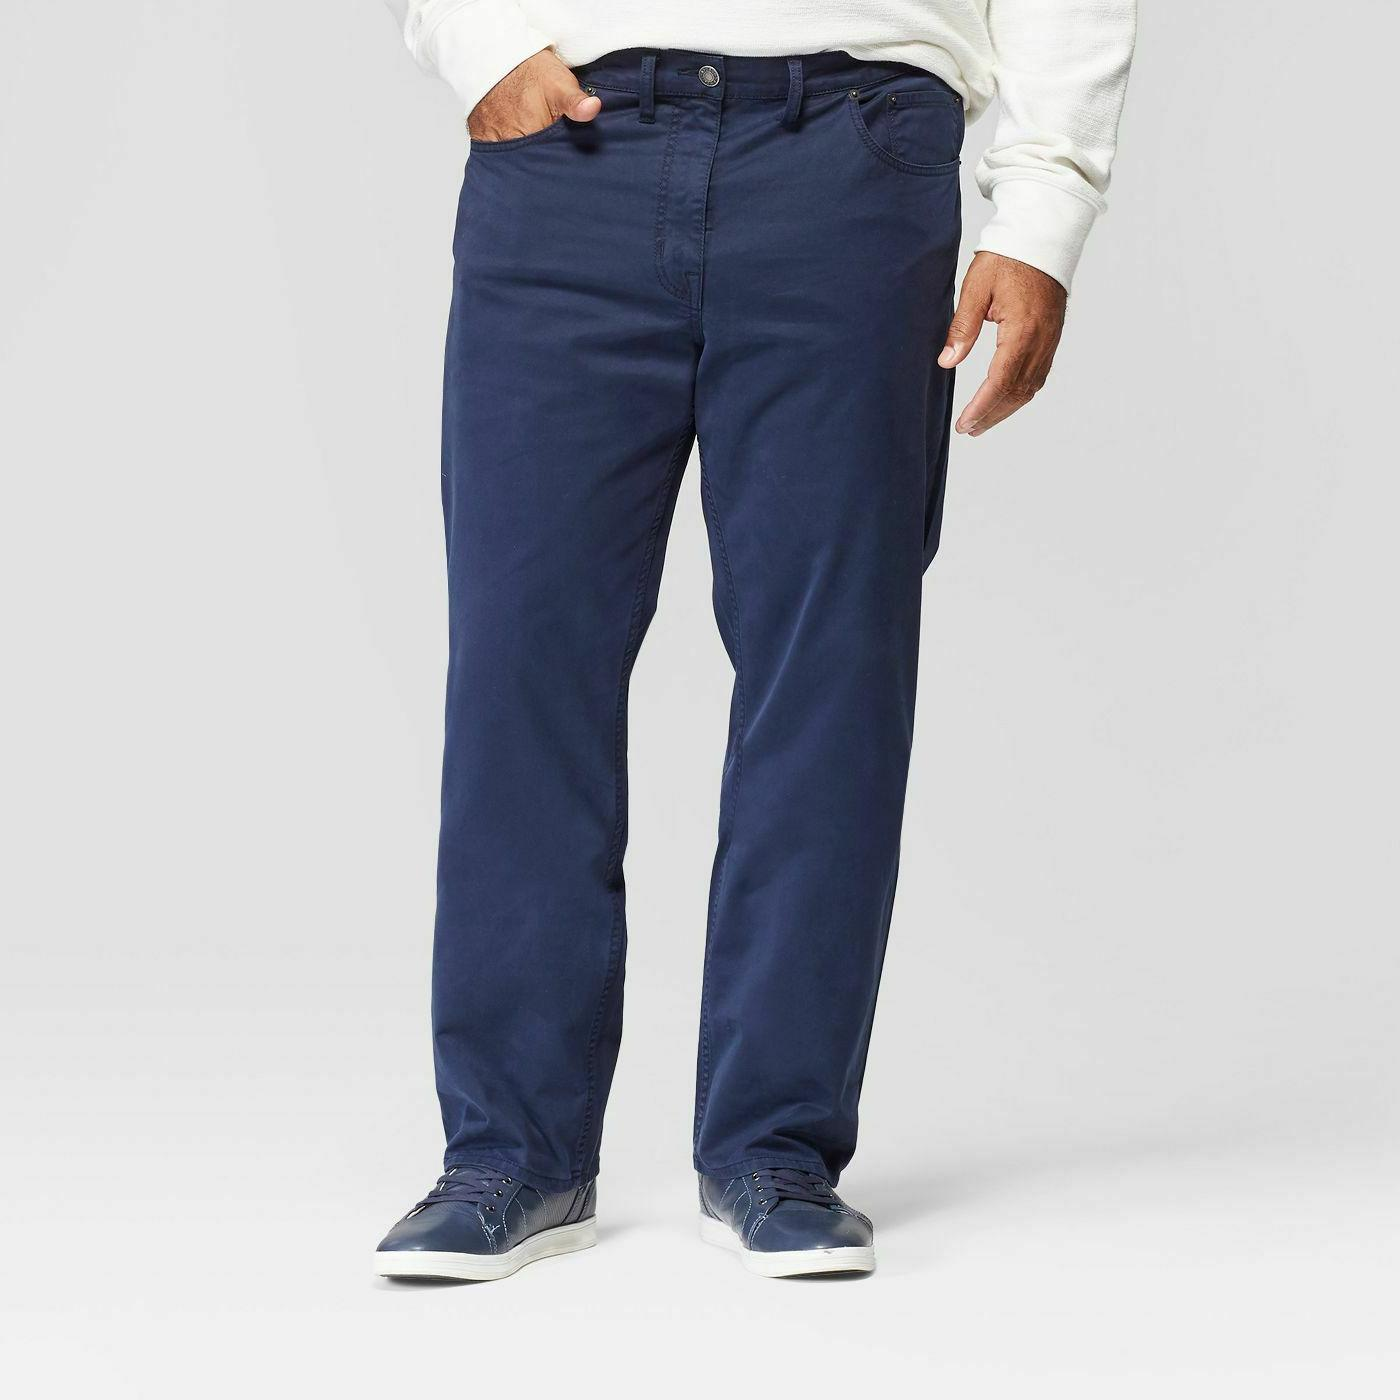 Men's & Tall Slim Goodfellow Co Flex-